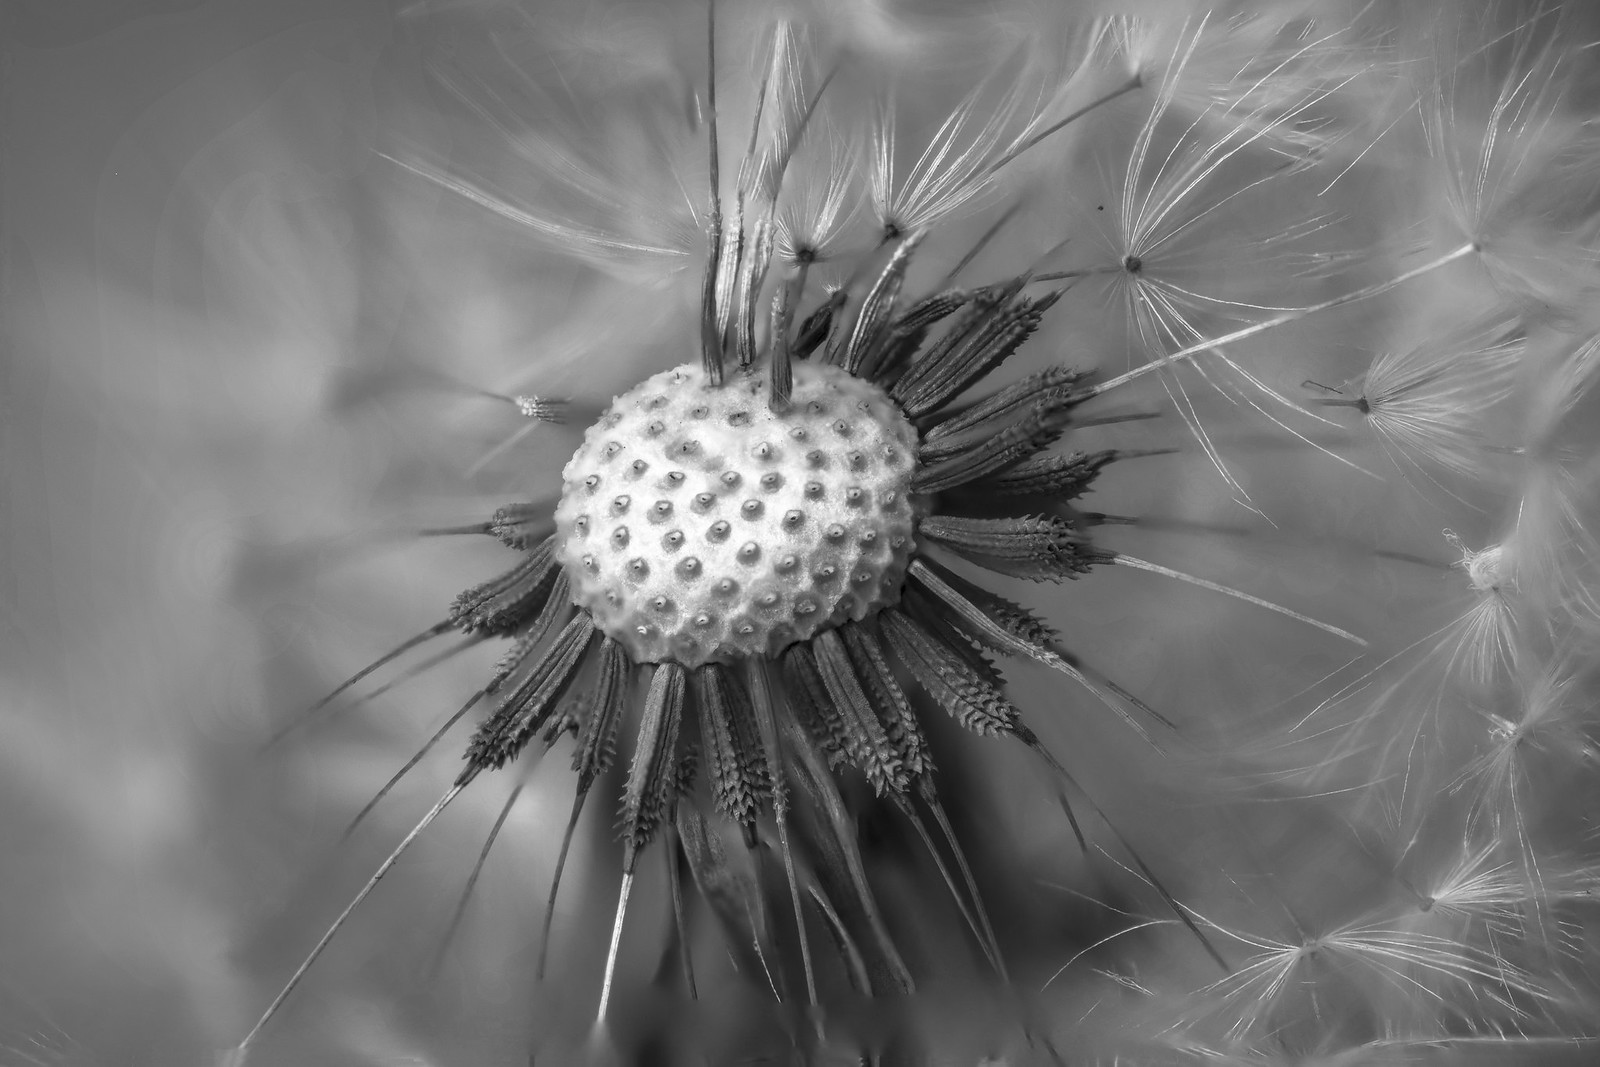 Dandelion in Windy Time